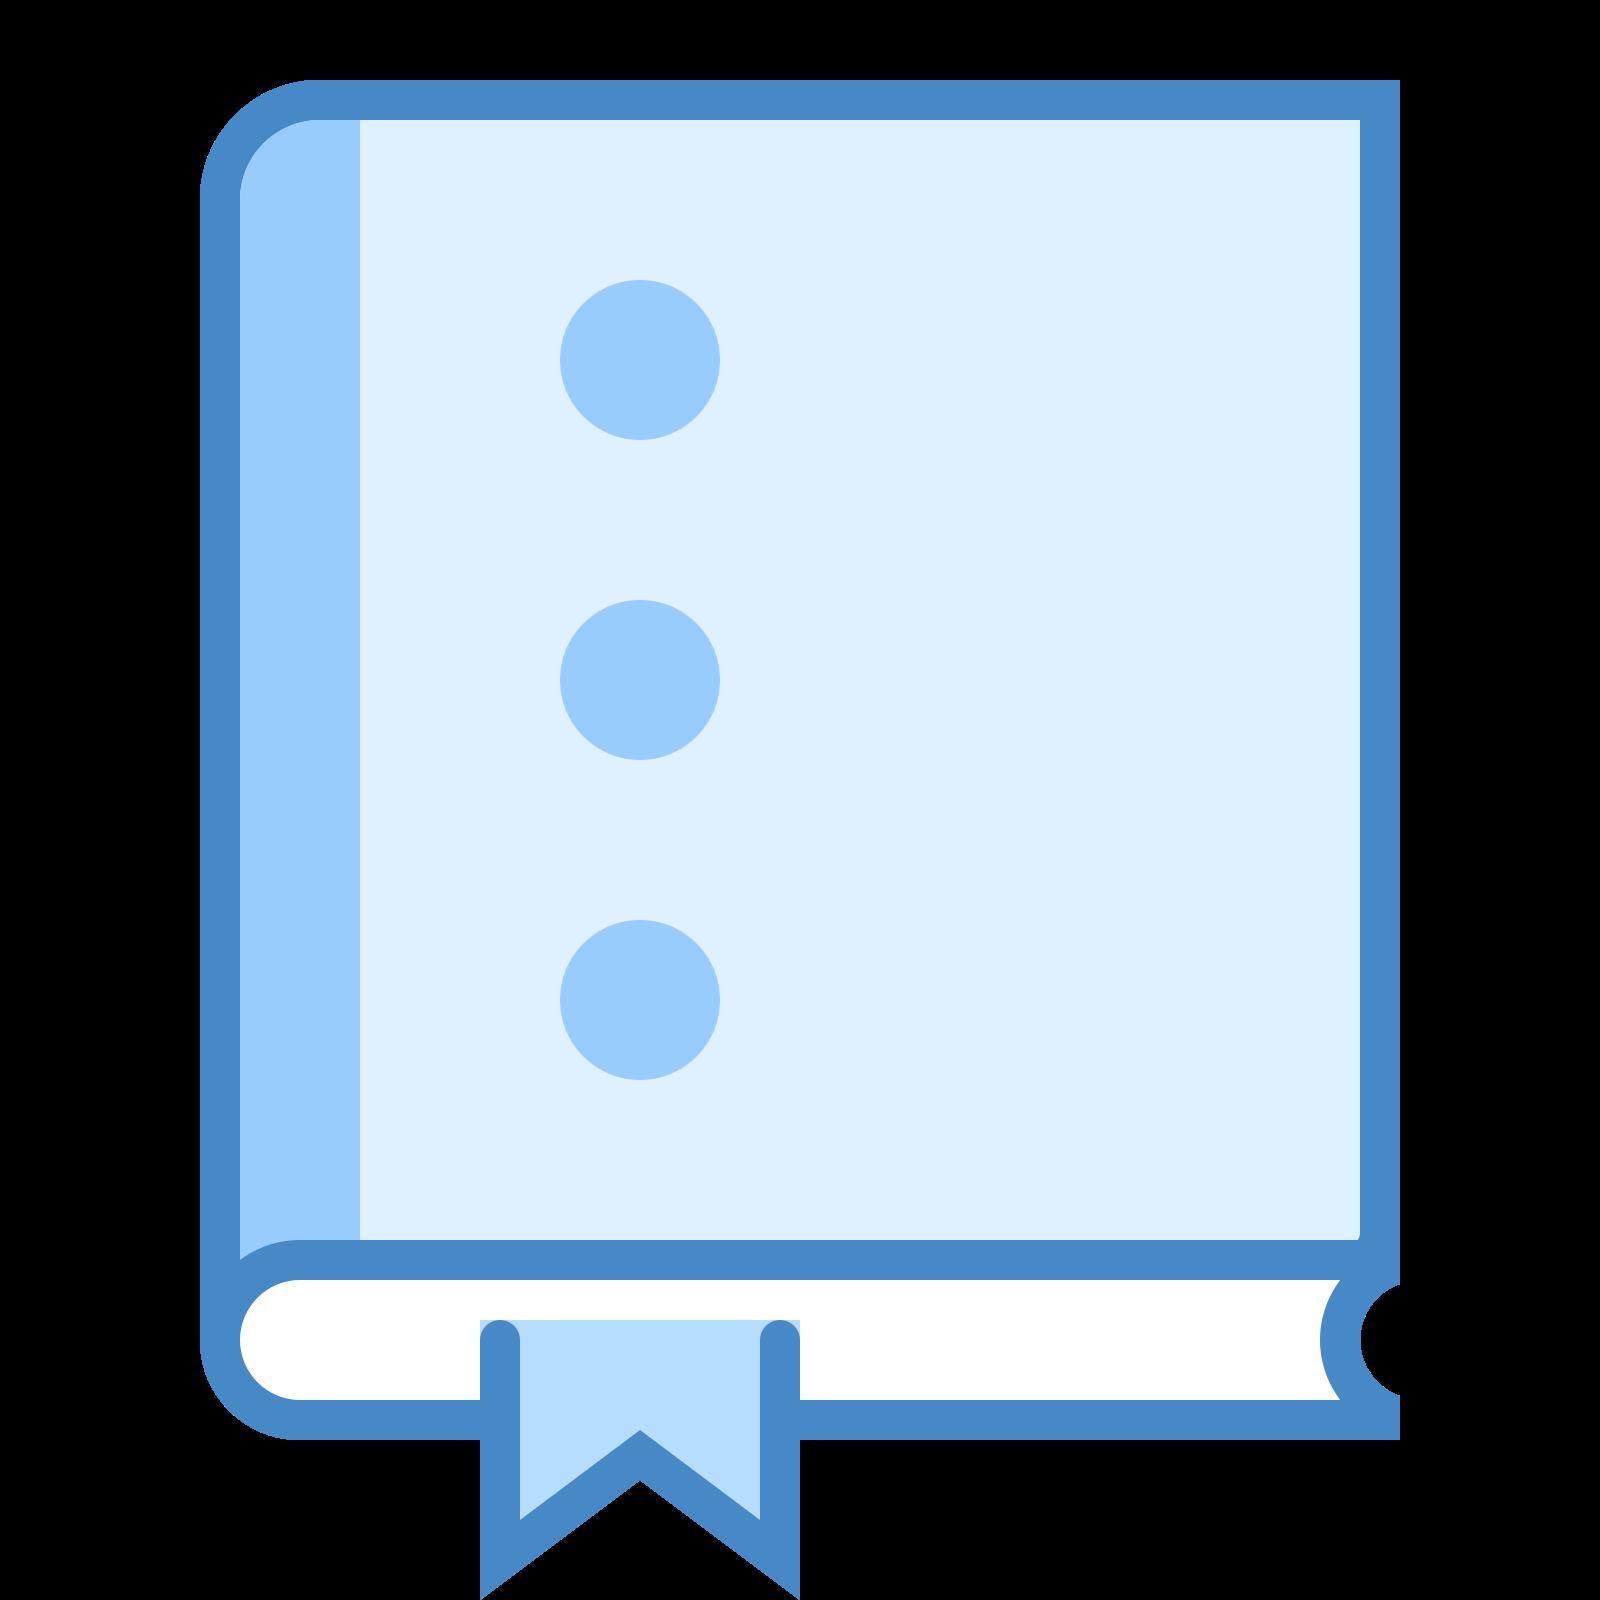 Référentiel icon